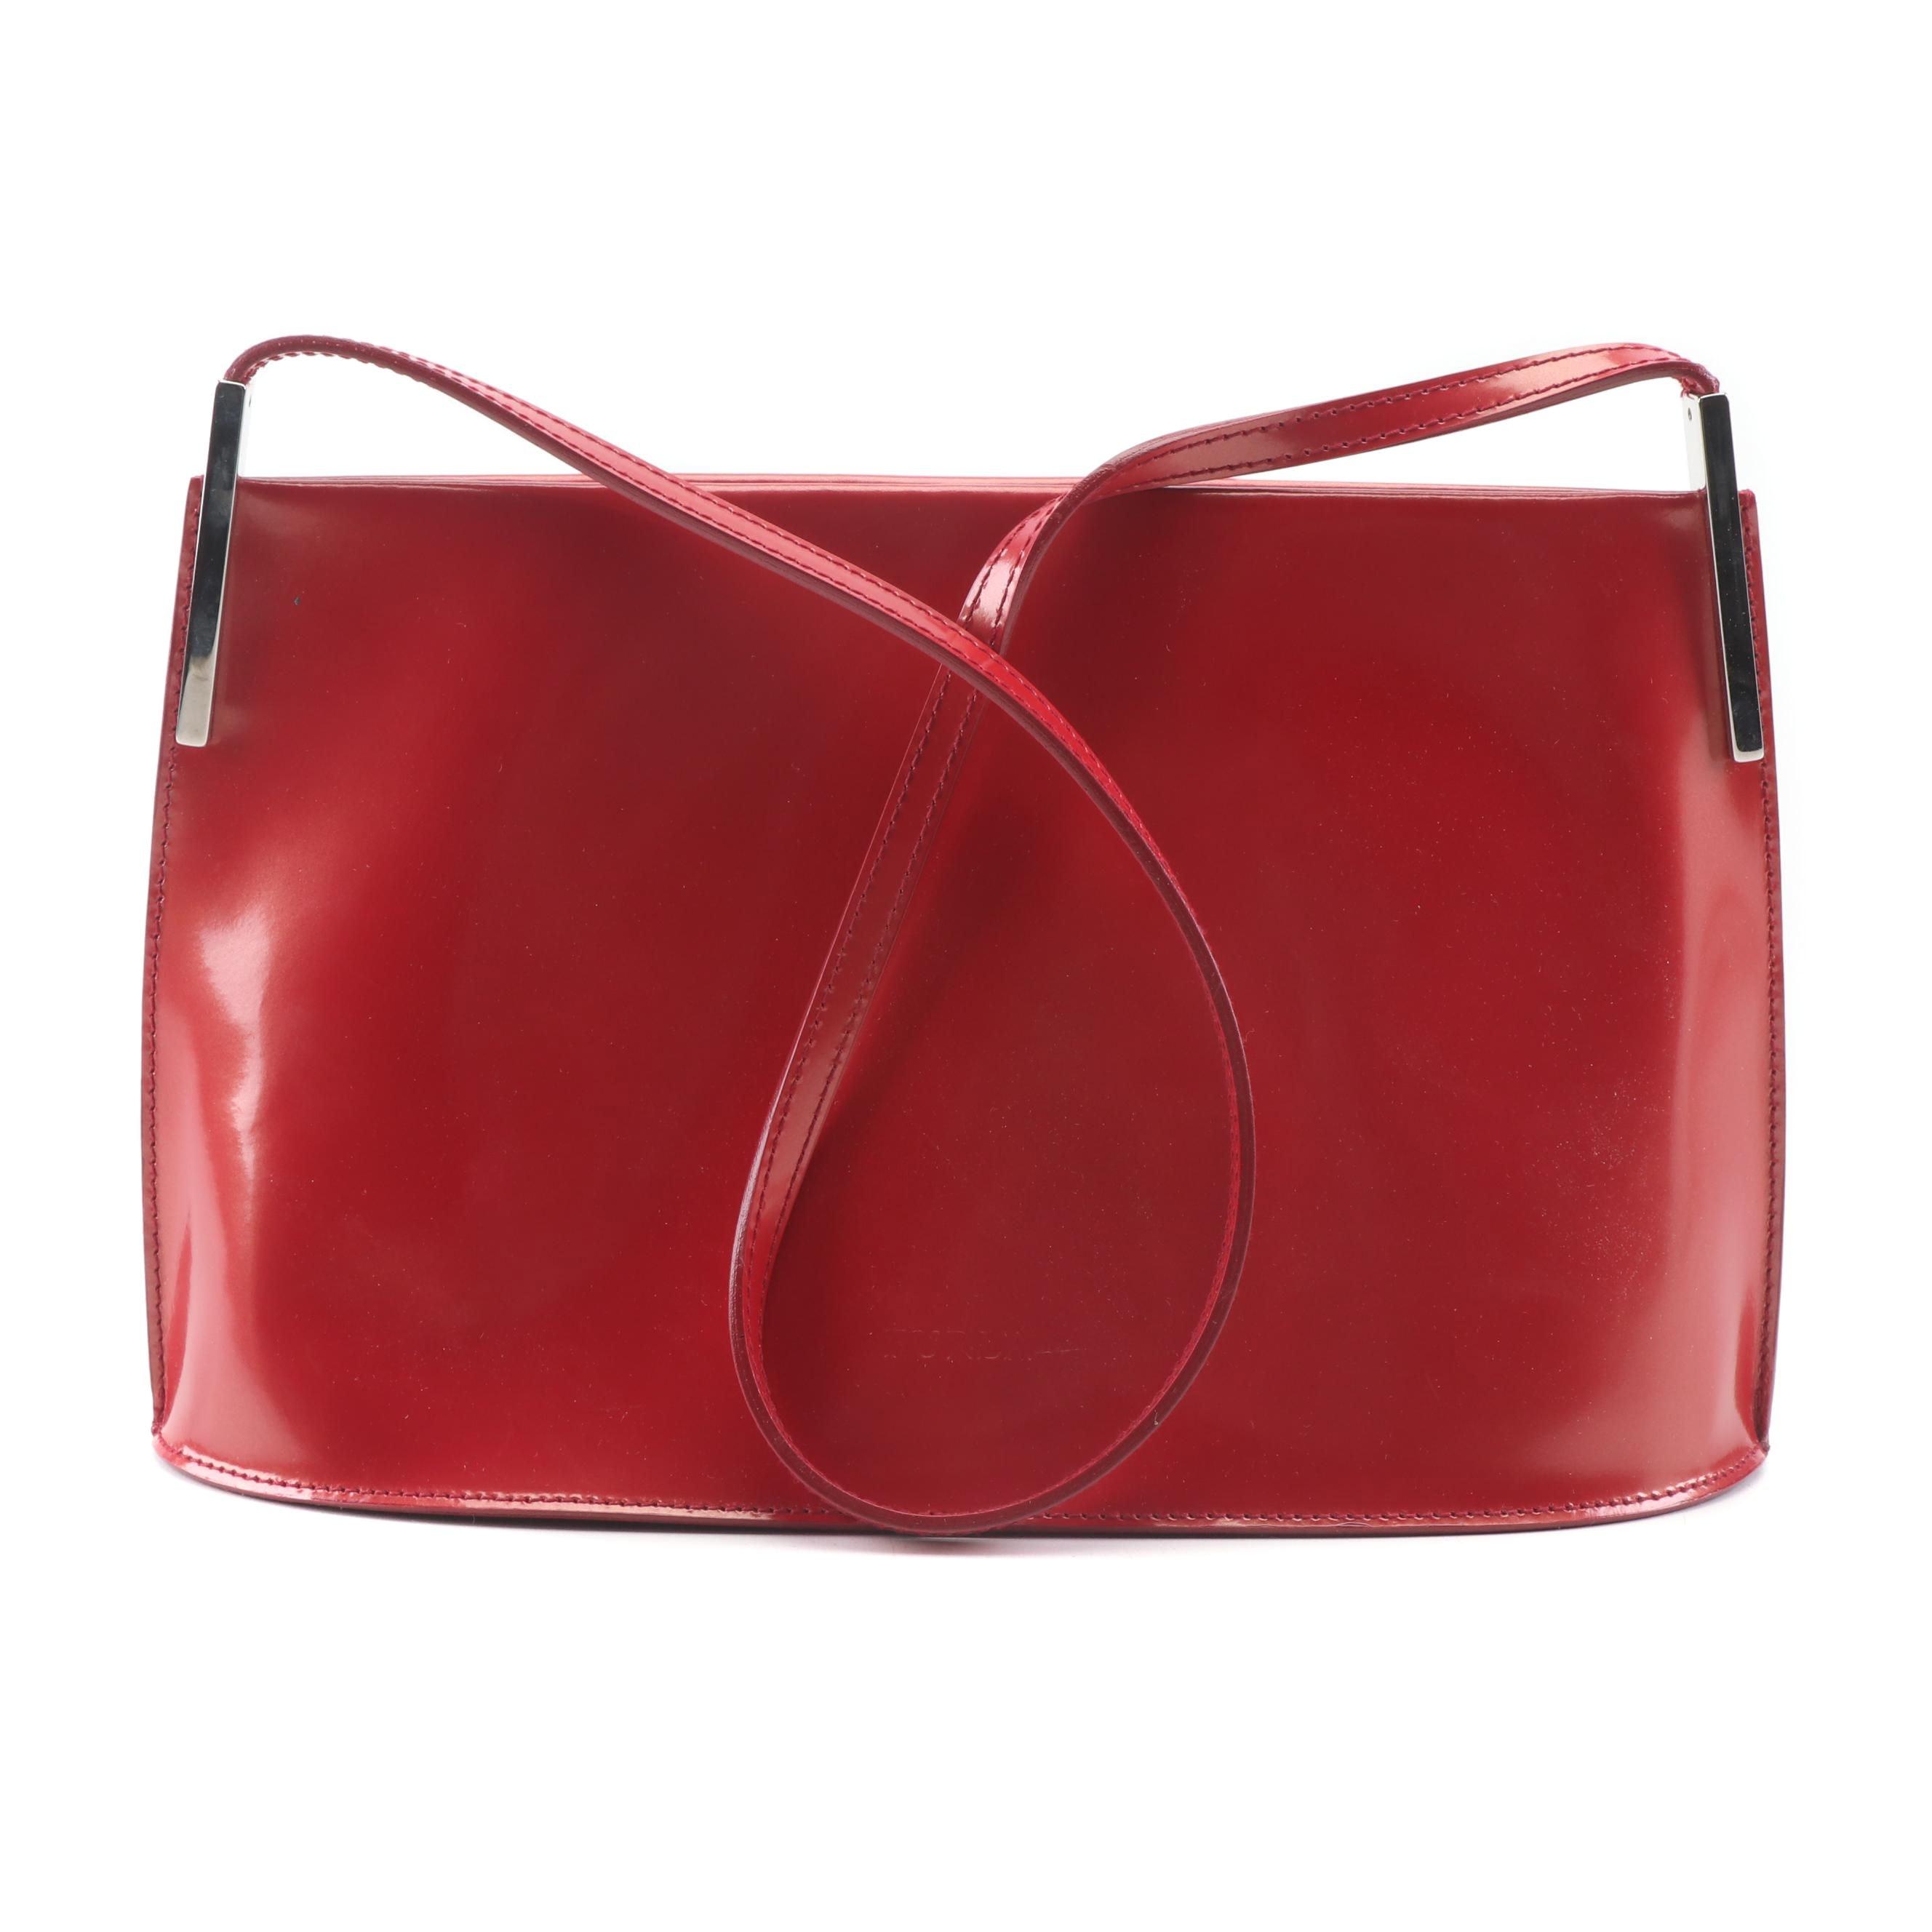 Furla Red Patent Leather Shoulder Bag